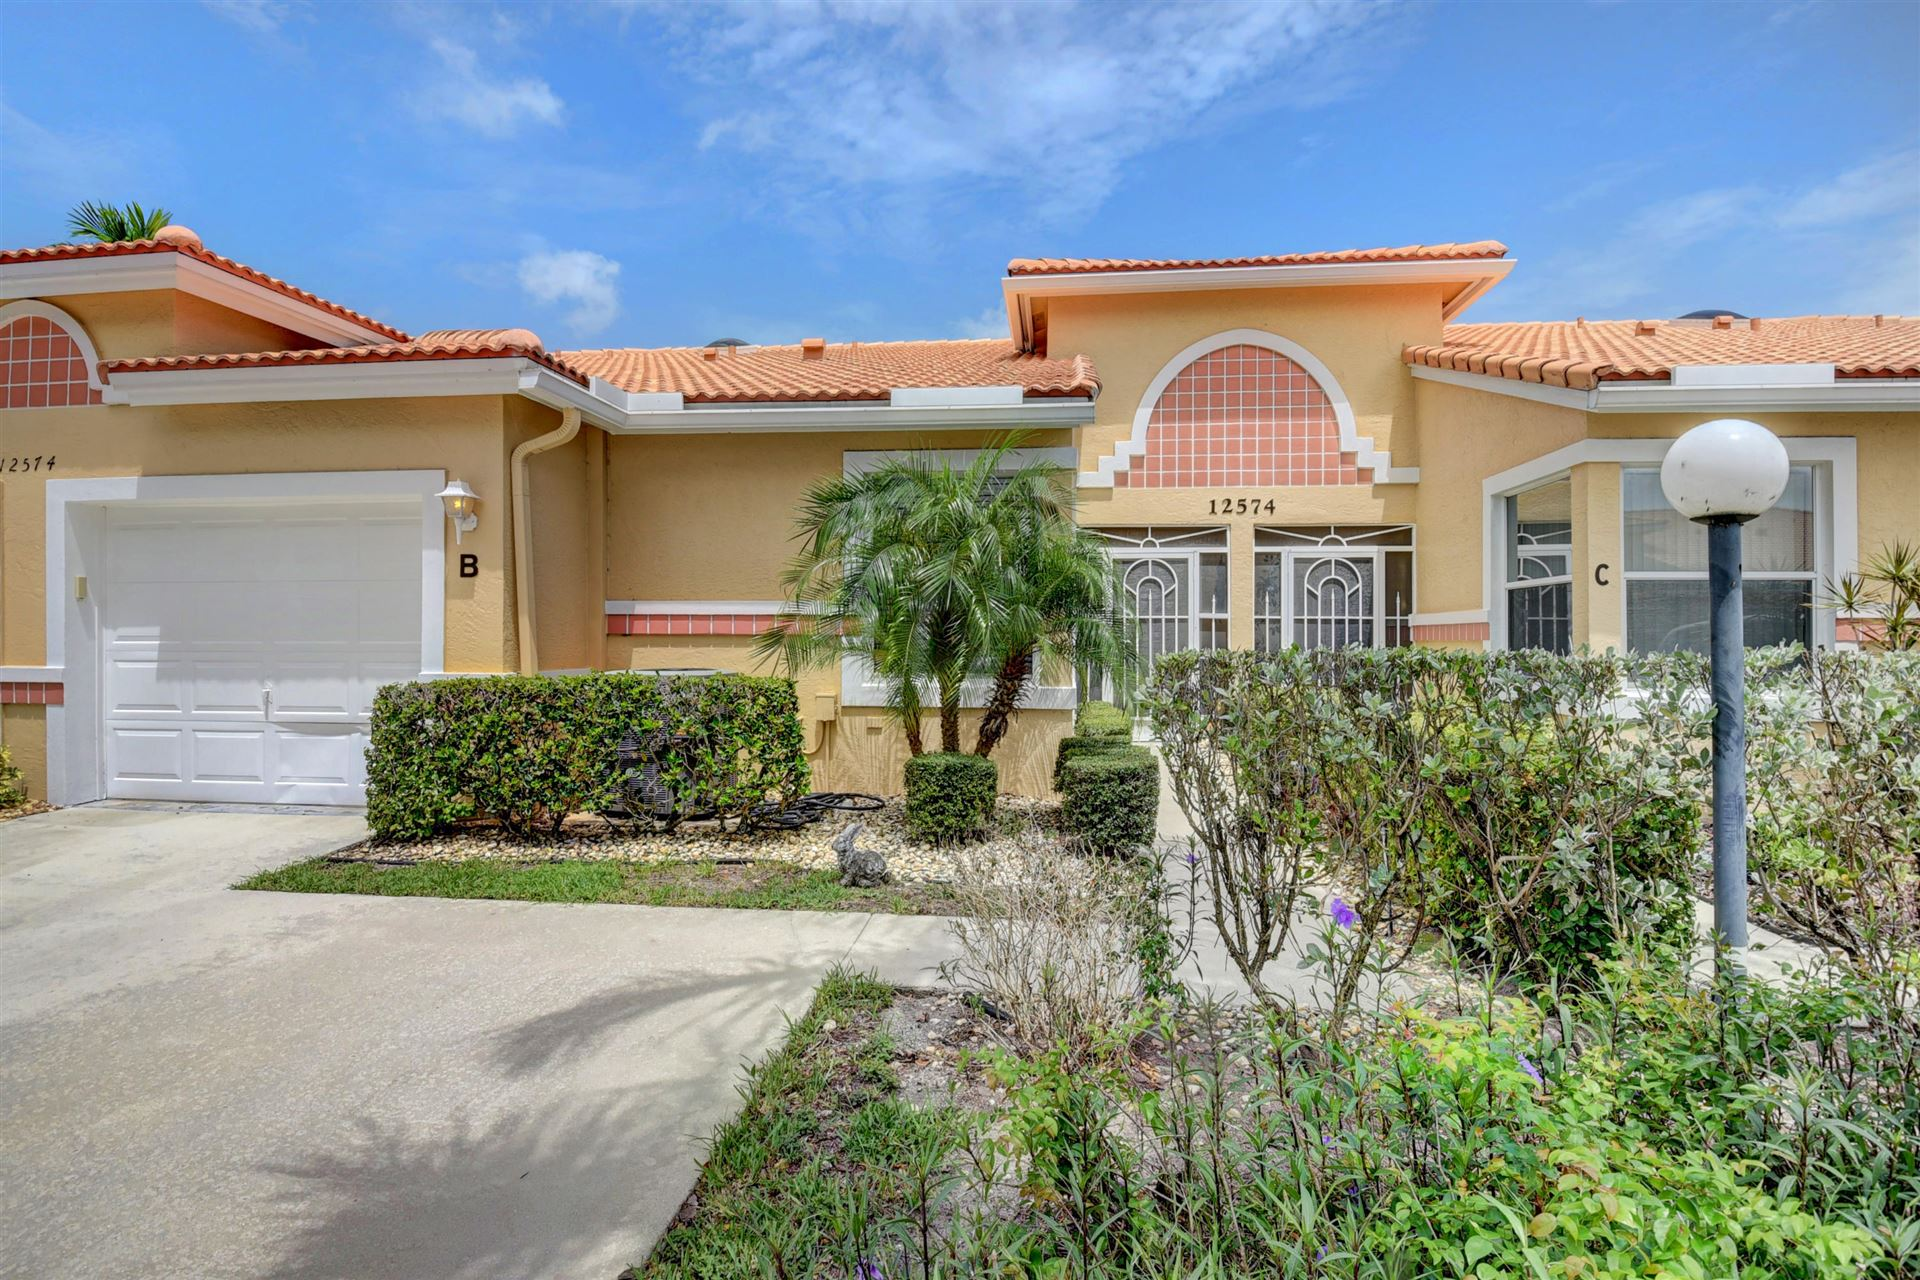 12574 Crystal Pointe Drive #B, Boynton Beach, FL 33437 - #: RX-10642380